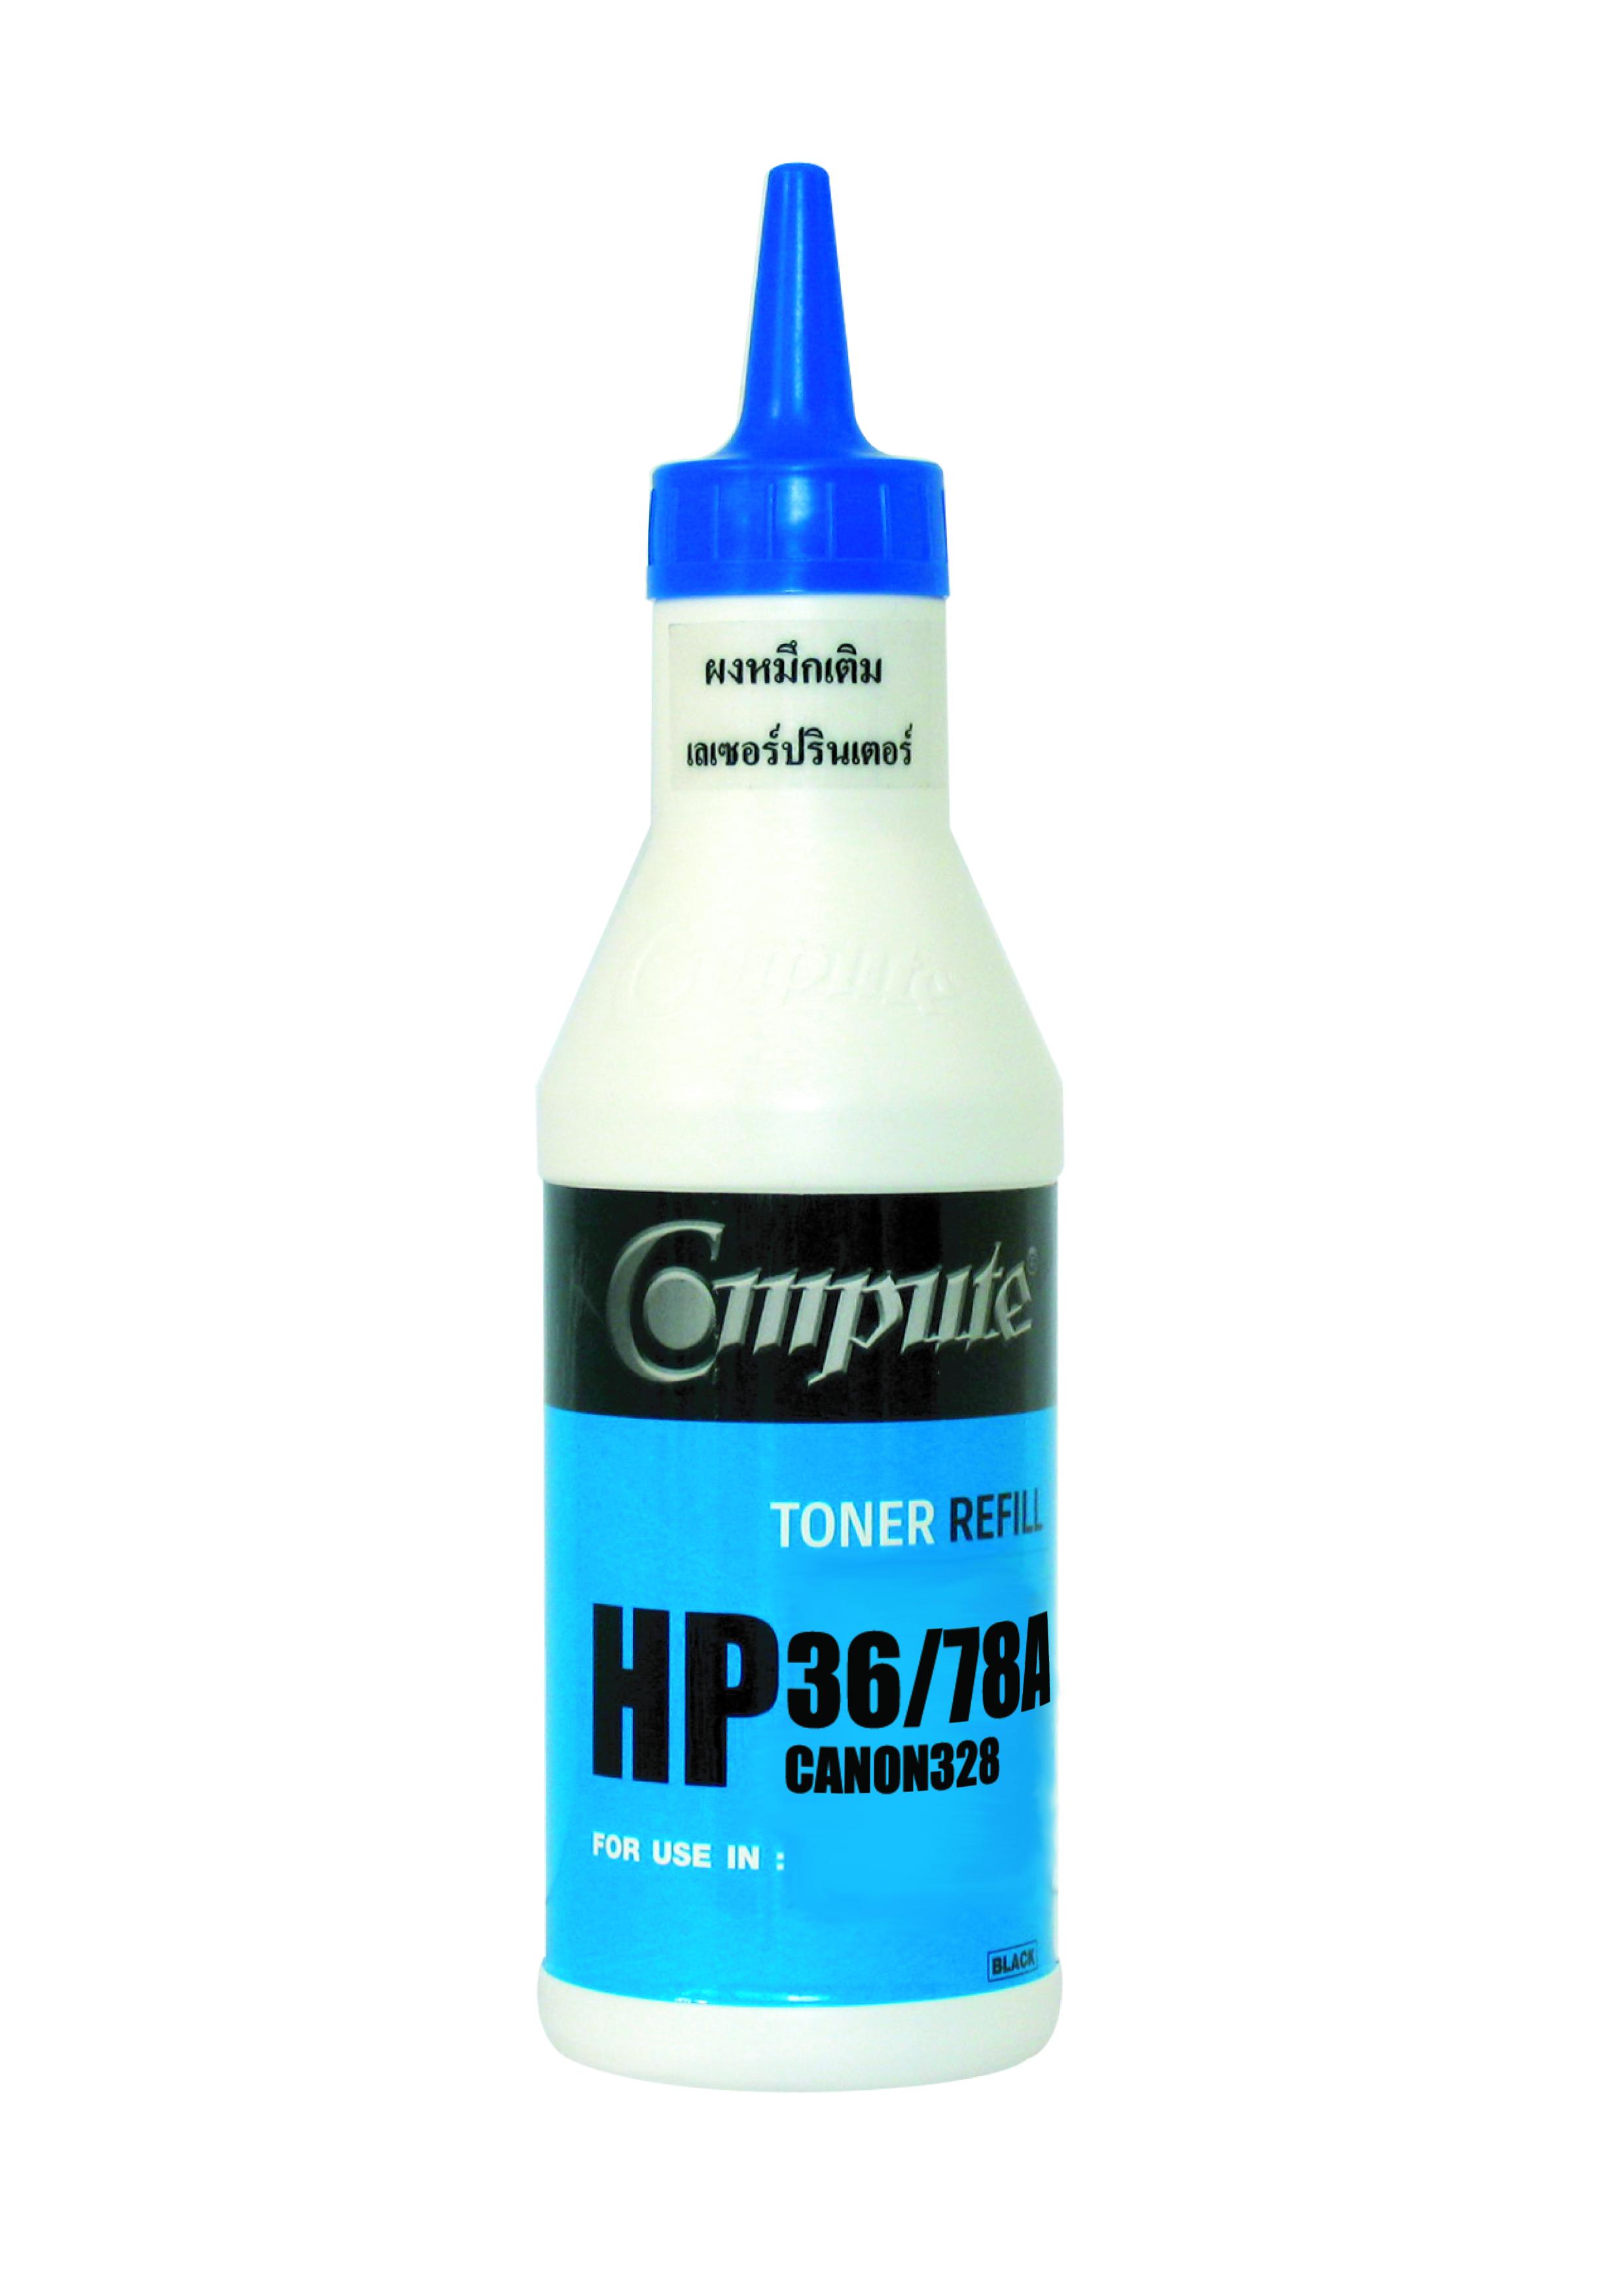 ผงหมึกเติม(Refill Toner) คอมพิวท์ For HP CB436A